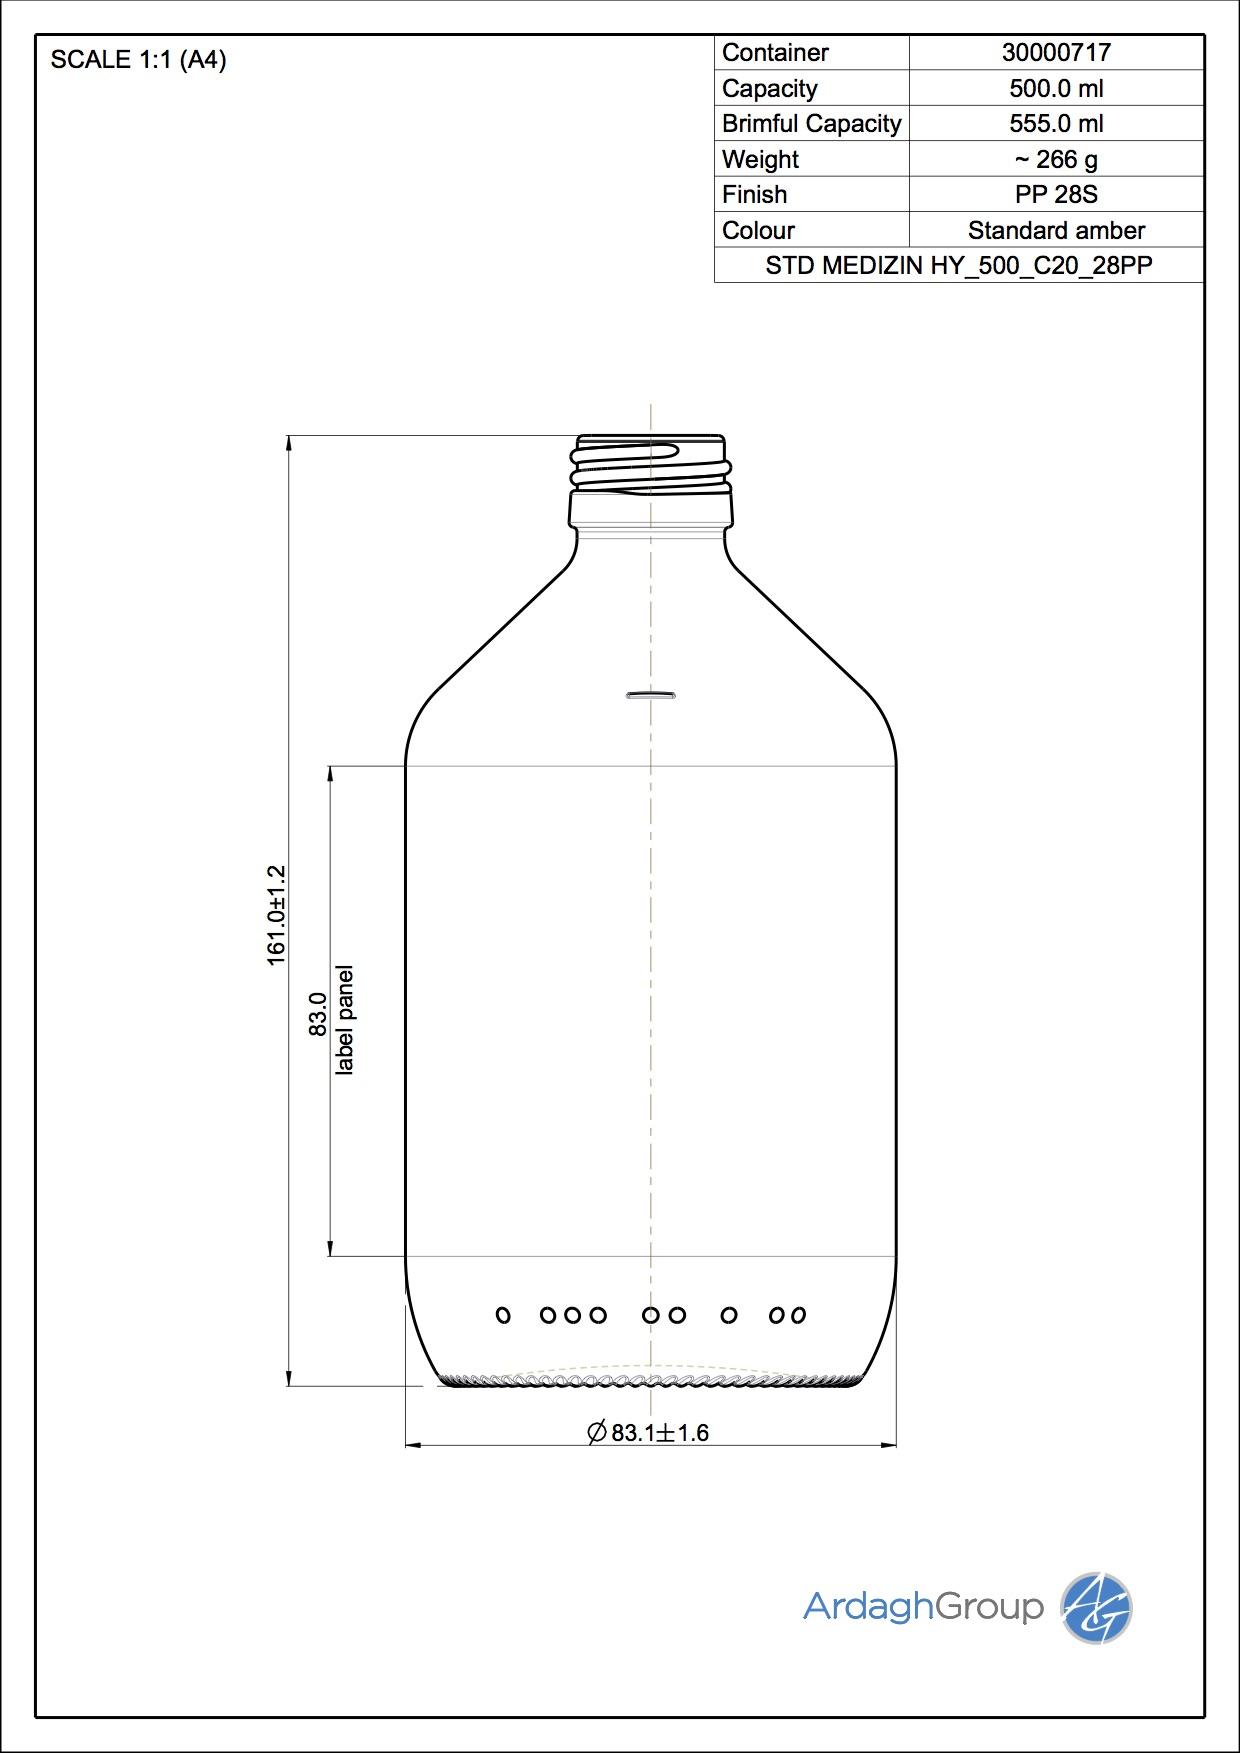 5956 STD MEDIZIN HY 500 C20 28PP